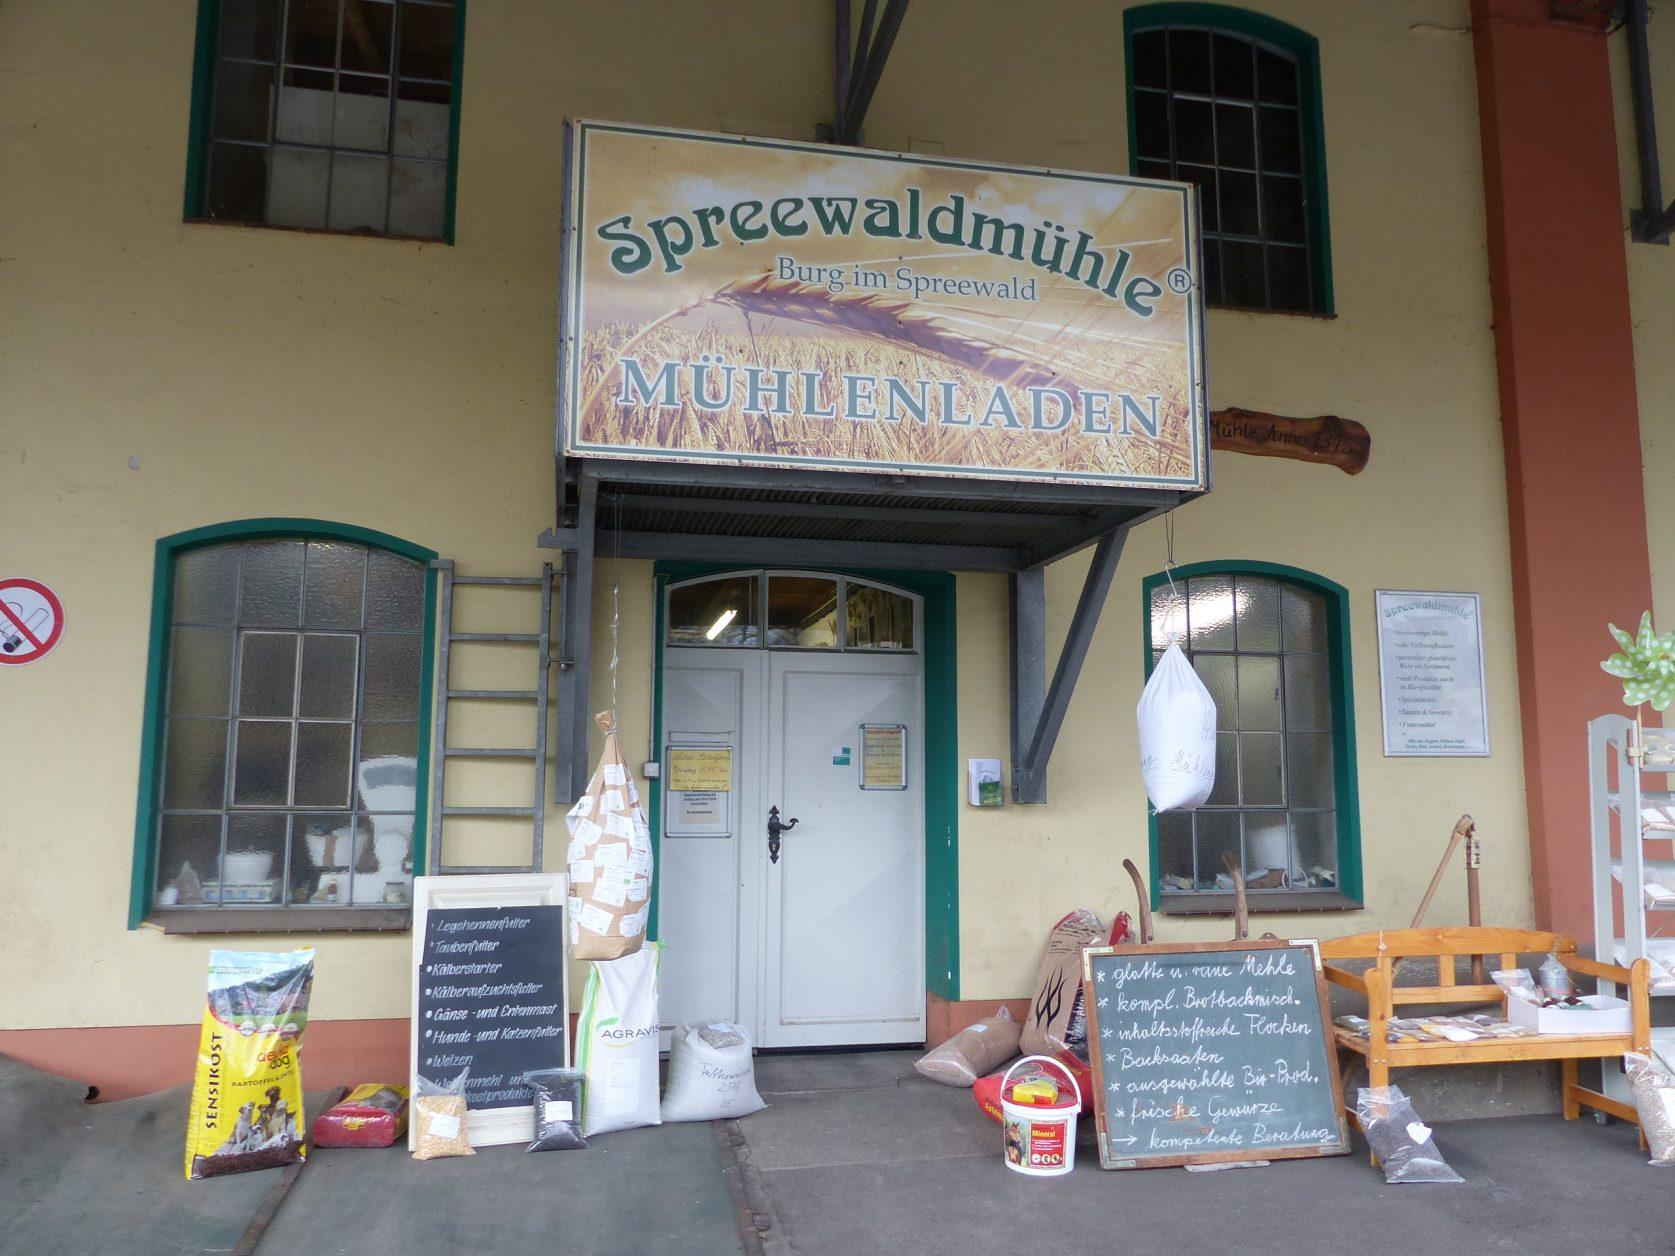 Kann immer Dienstags besichtigt werden: Spreewaldmühle in Burg, Foto: Weirauch